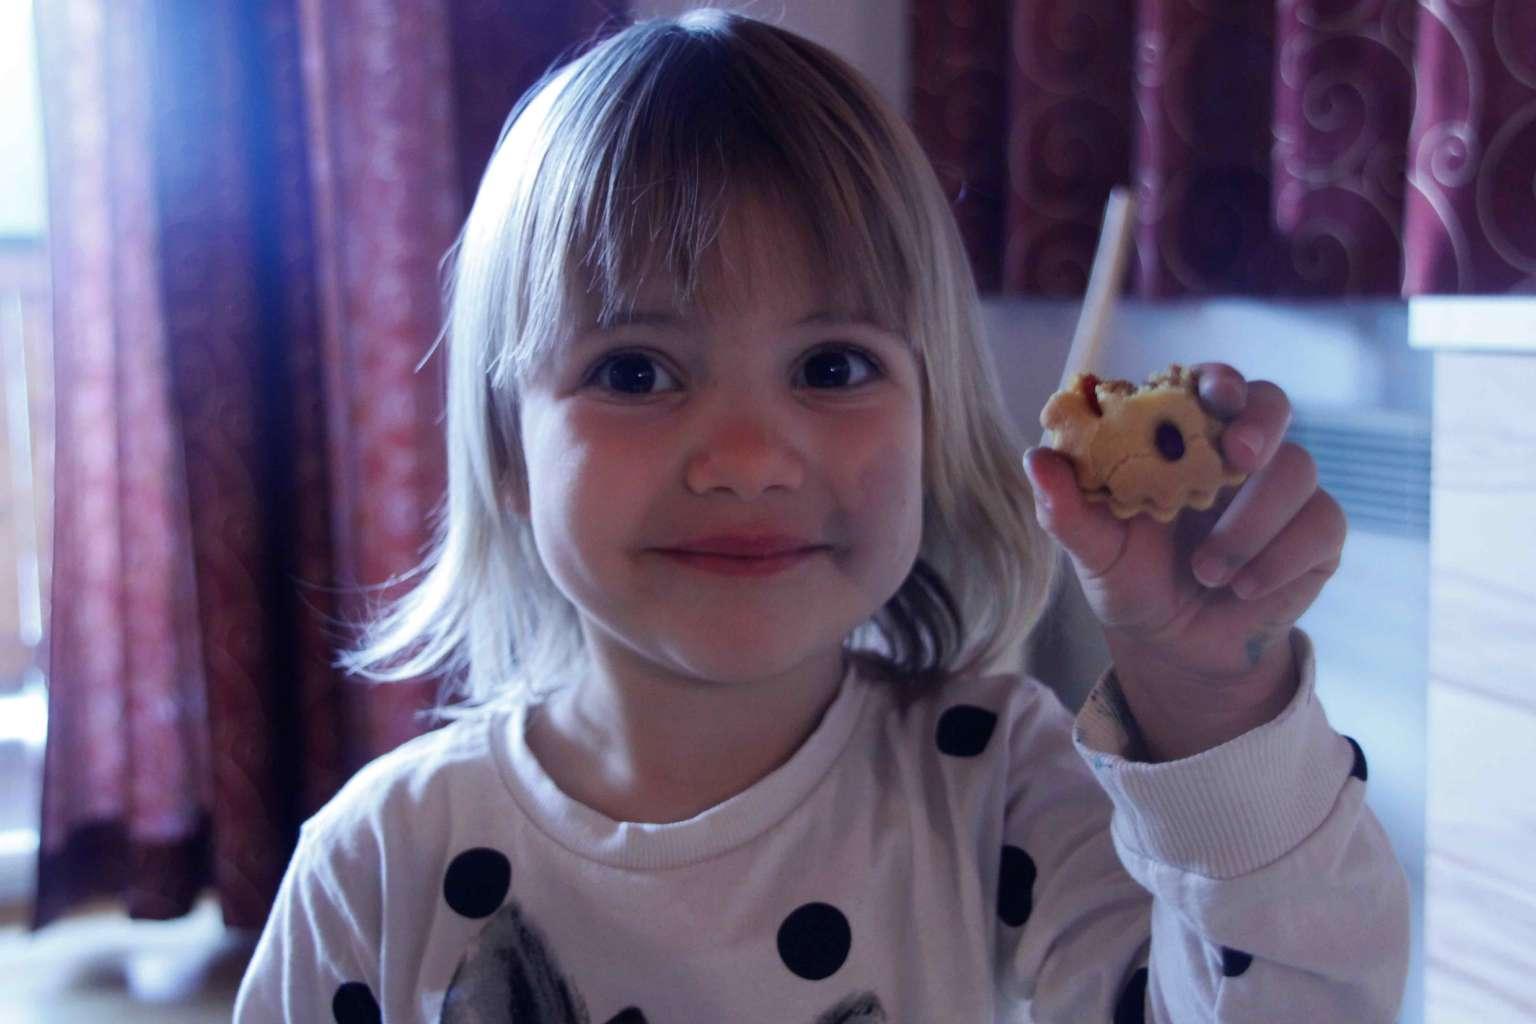 Meidenpapa-koekjes-2